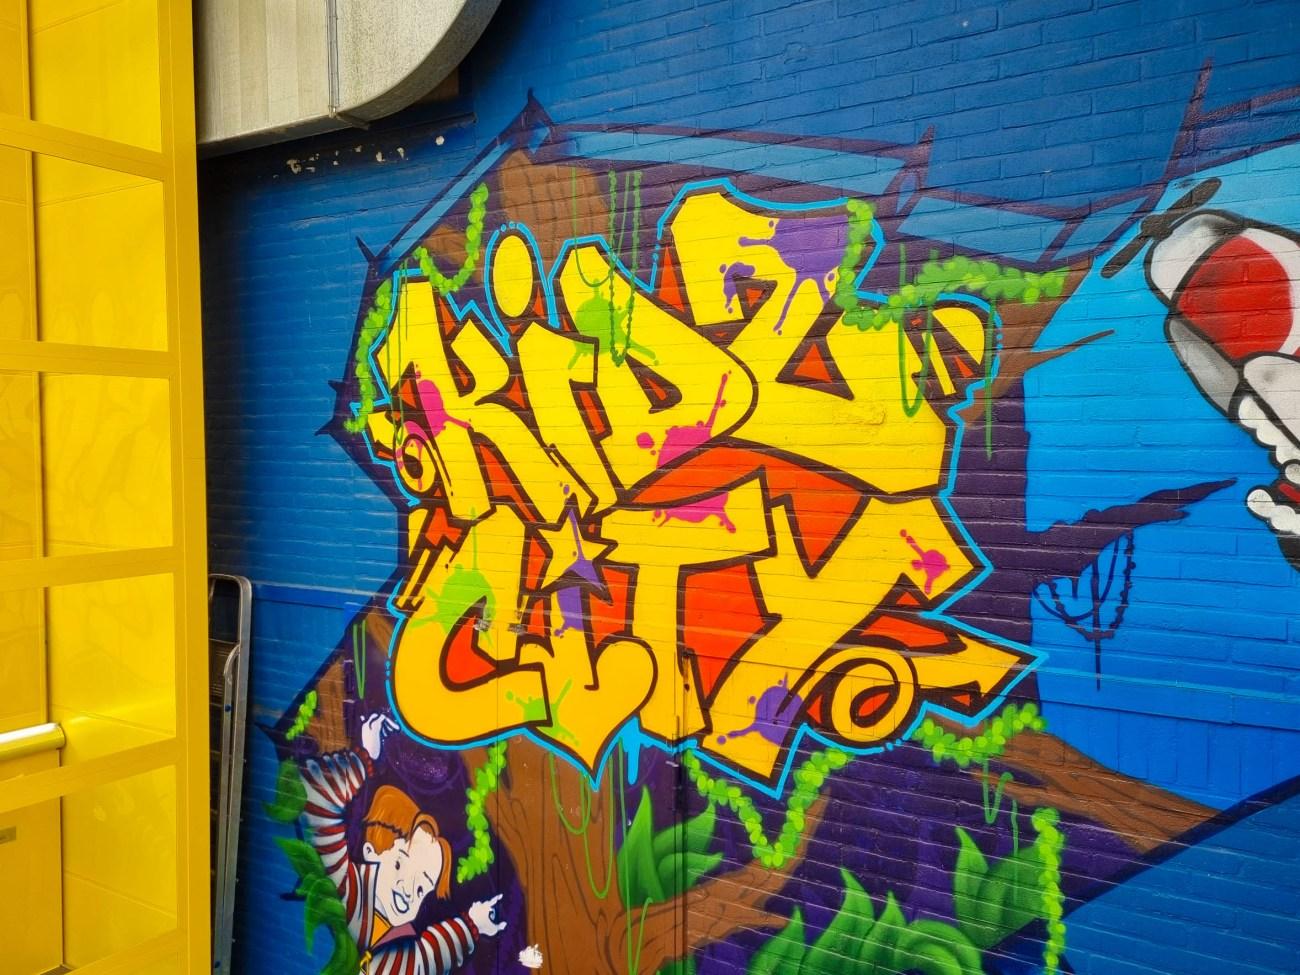 KidZcity Indoor Attractiepark - Kidshoekje.nl